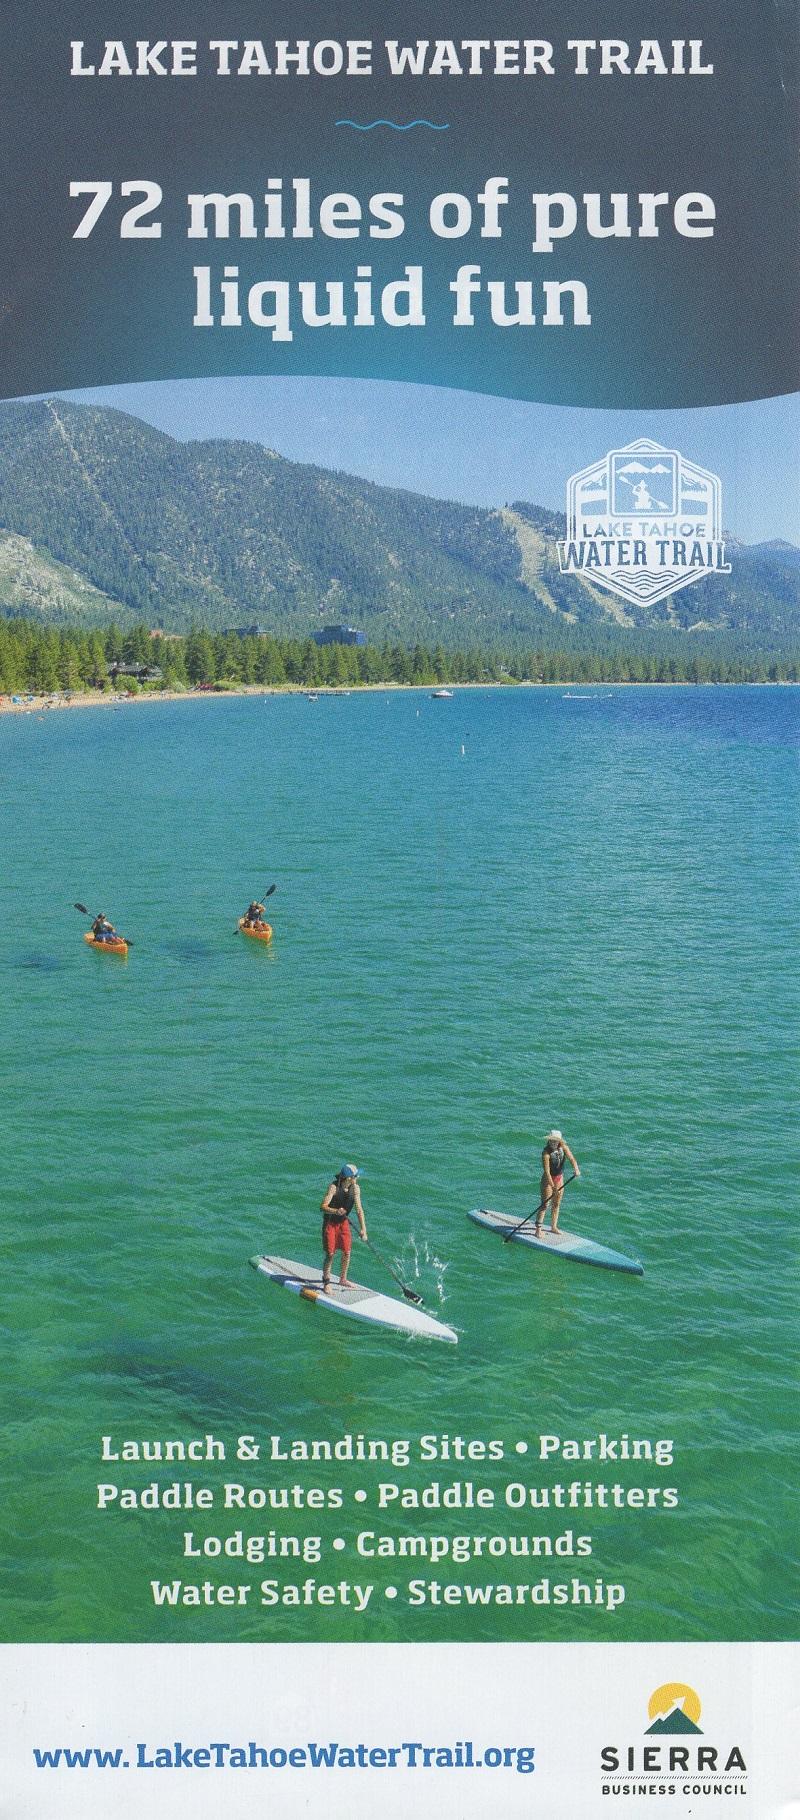 Lake Tahoe Water Trail